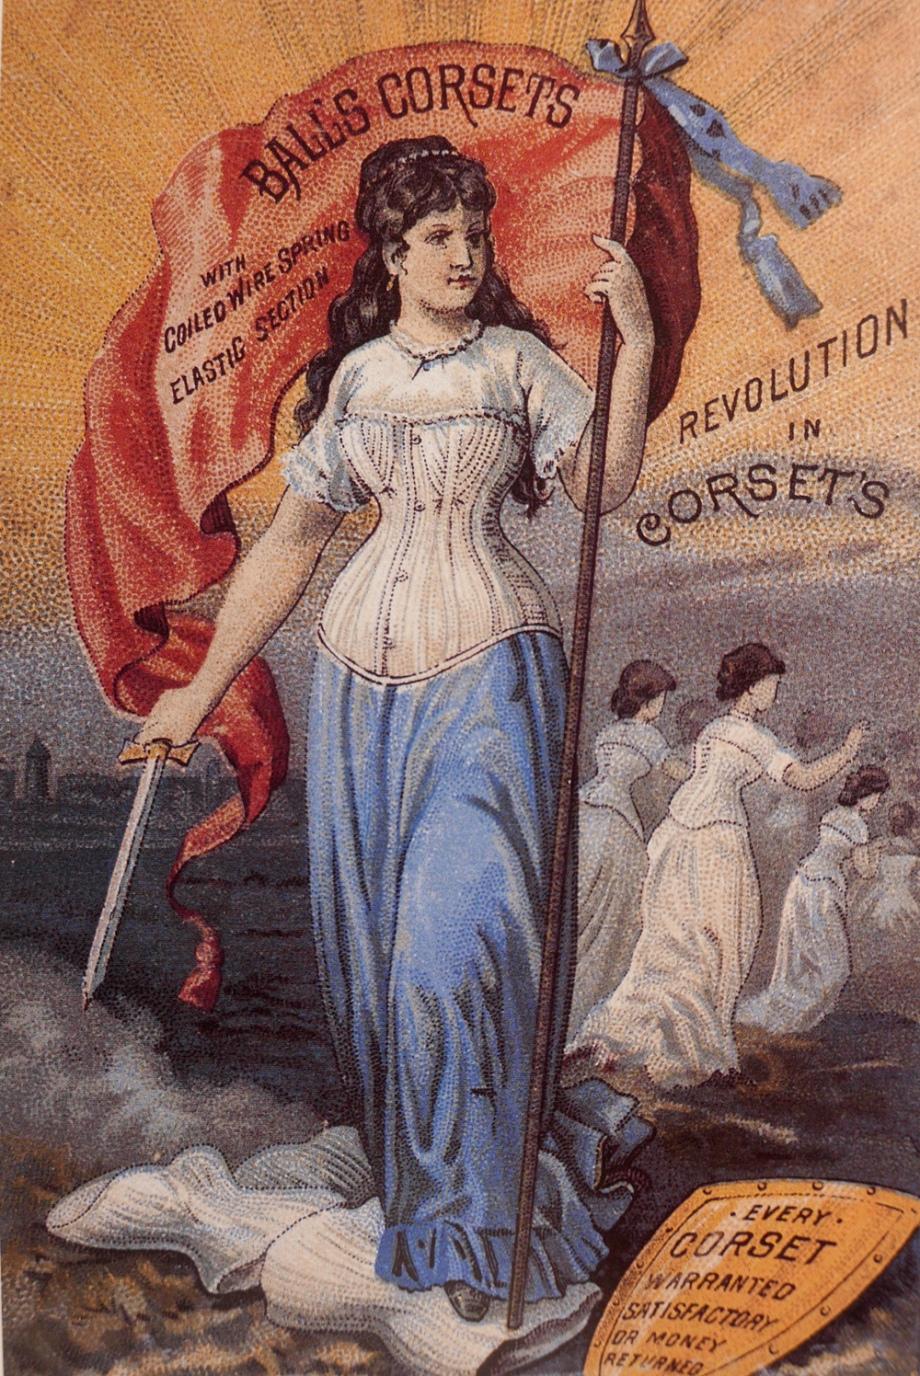 Korsett revolution